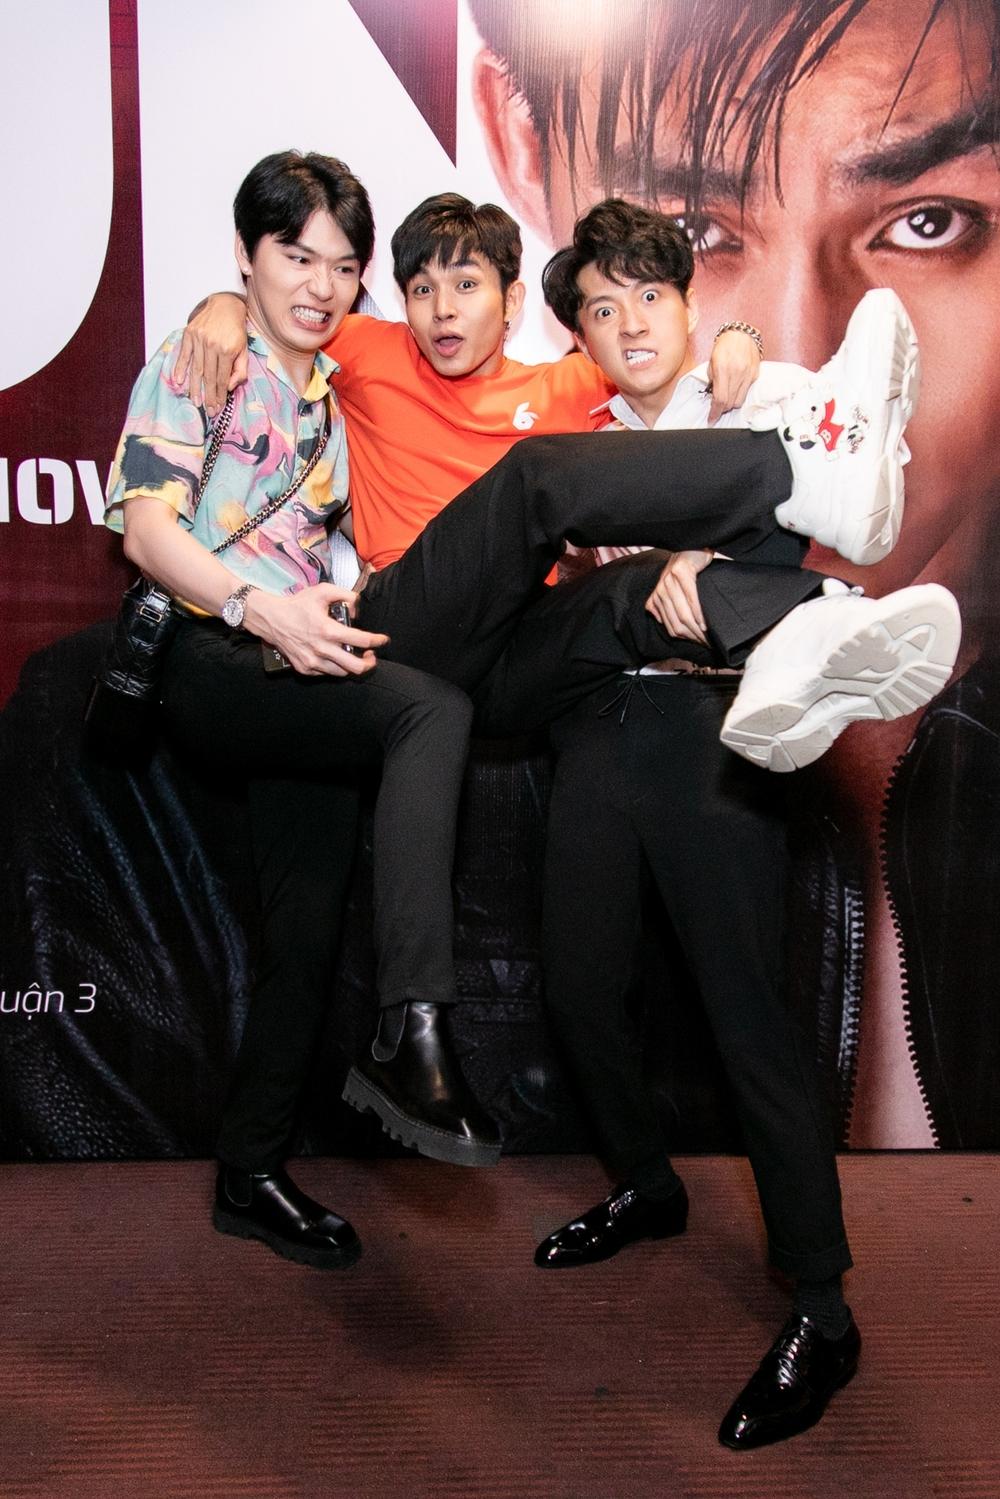 Jun Phạm - Ngô Kiến Huy thân nhau nhiều năm trong nghề, đặc biệt sau chương trình Chạy đi chờ chi 2019. Họ tạo nên cặp Thỏ Trắng và Thỏ Đen đáng yêu, hút fan khủng.